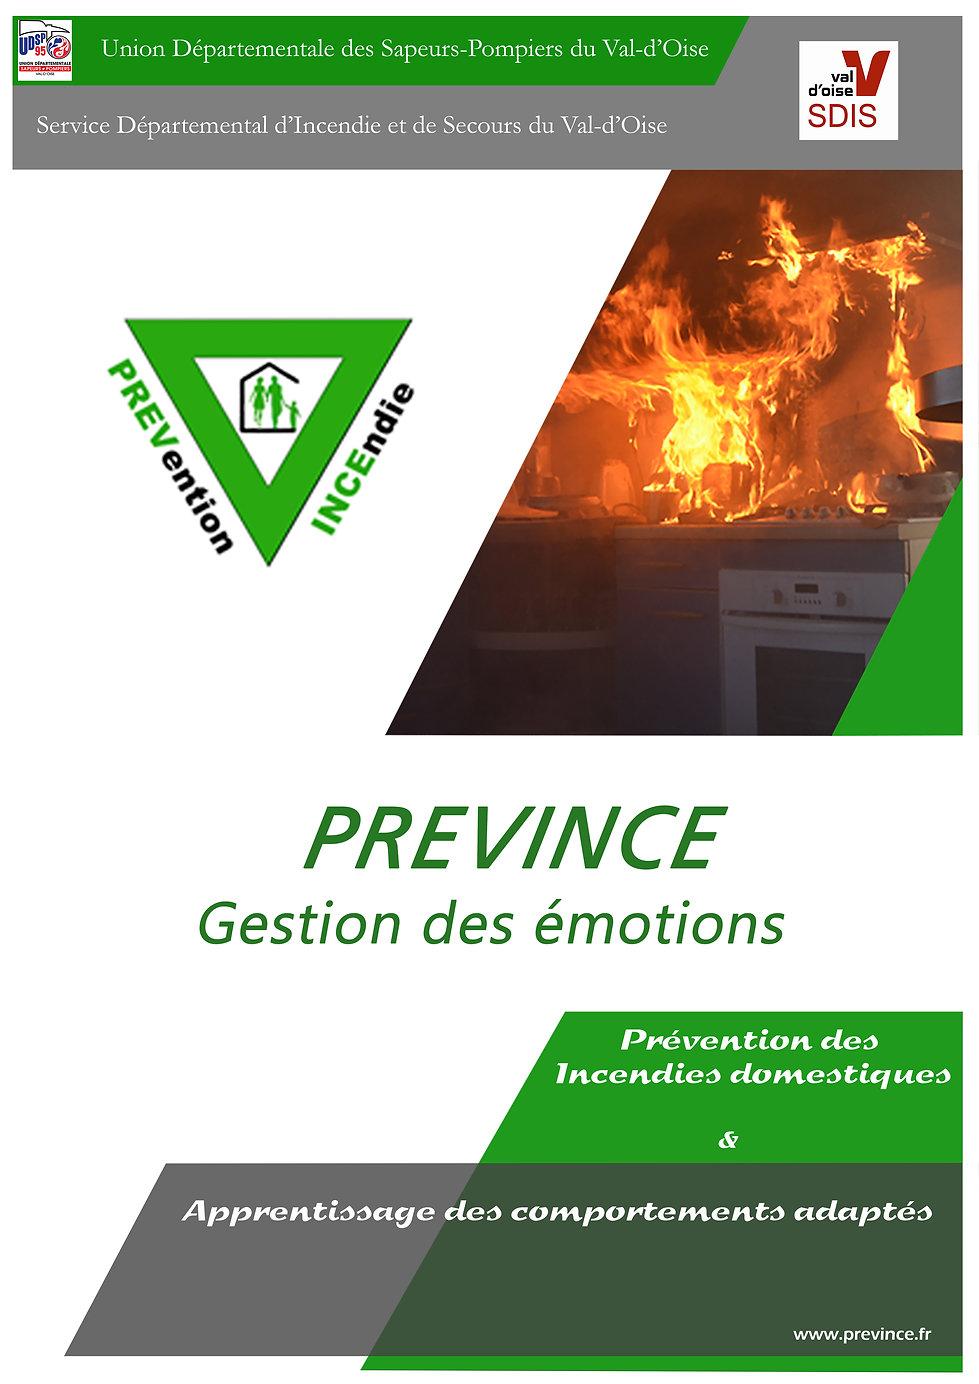 Gestion Emotions 2018_PDG.jpg